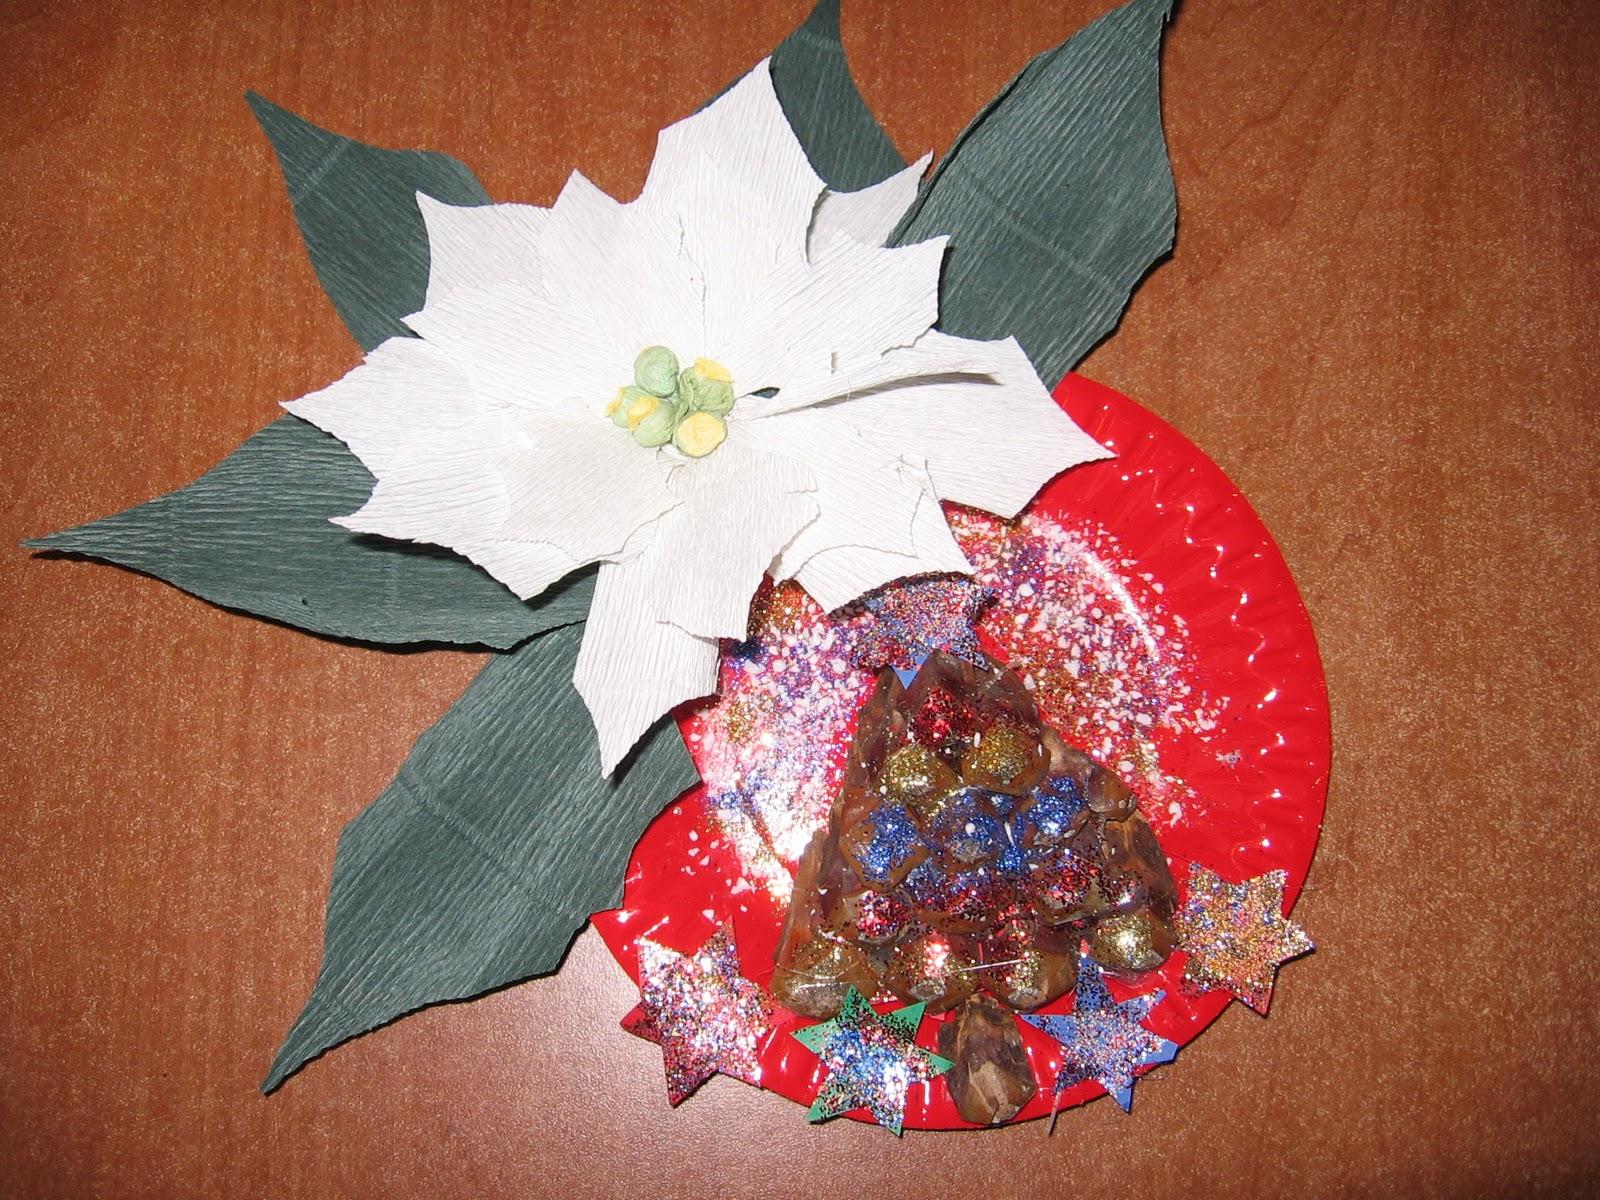 Decorazioni Di Natale Scuola Materna : Dalla a allo zucchero decorazioni natalizie per la scuola materna